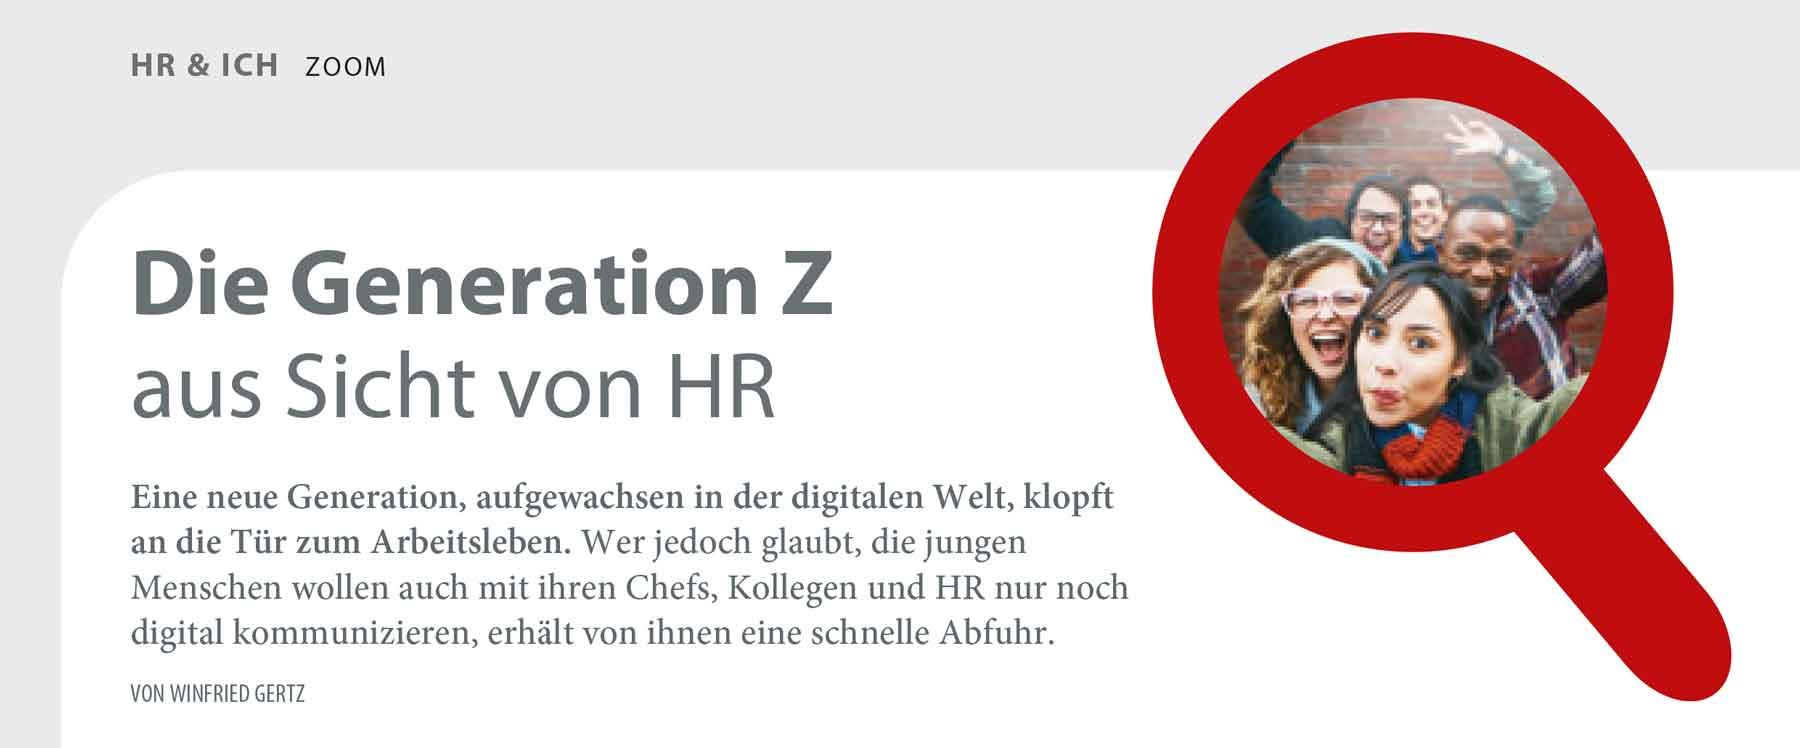 Artikelanfang GenerationZ-aus-der-Sicht-von-HR-Simon-Schnetzer-Personalwirtschaft-02-2019-Ausschnitt